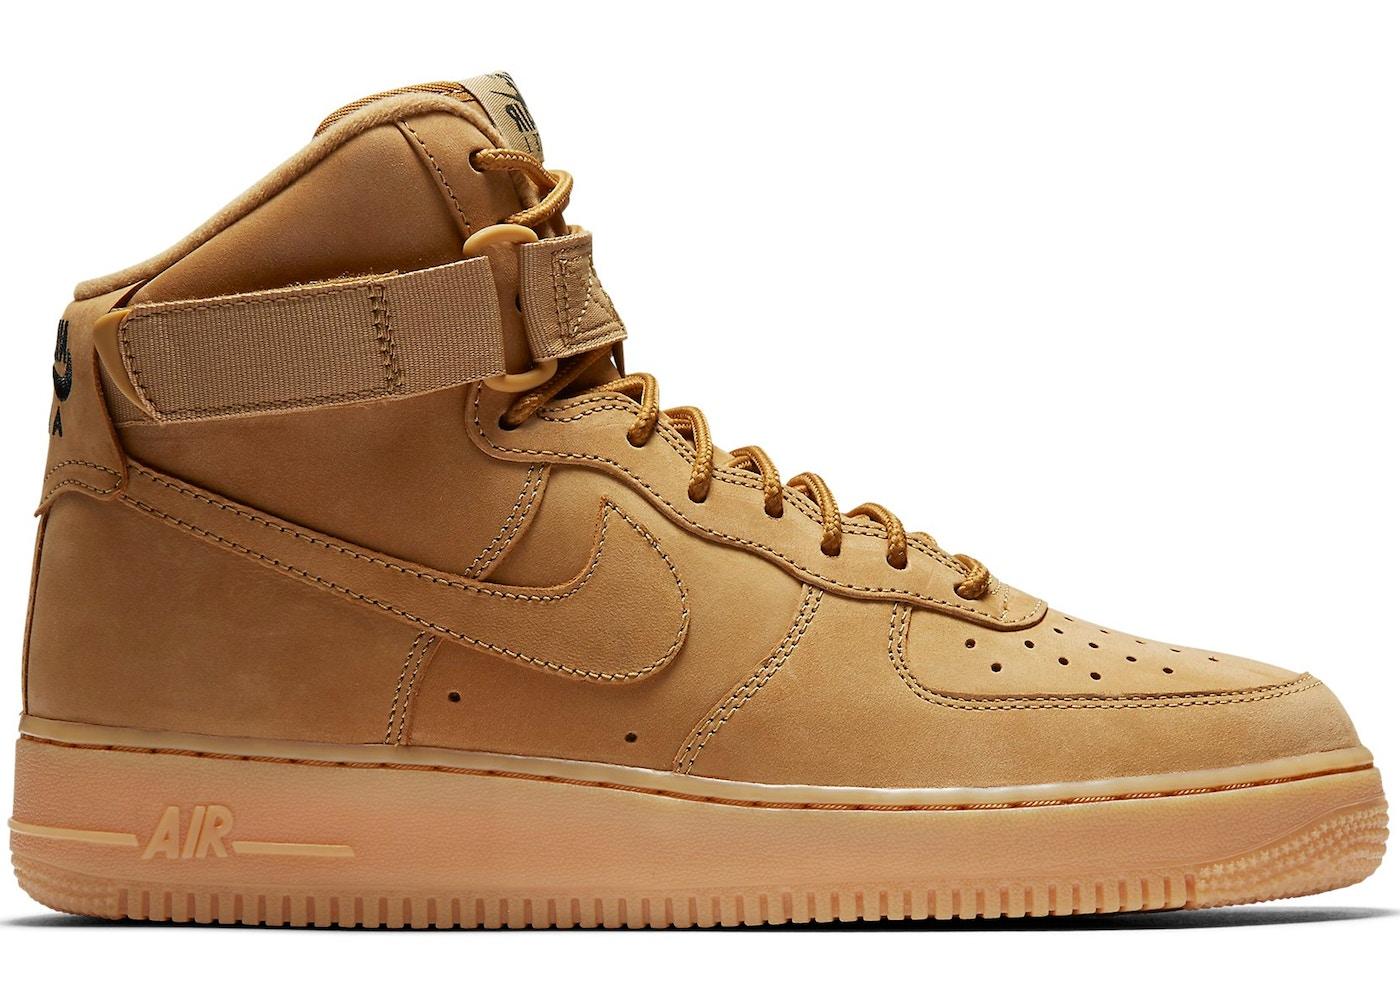 air force 1 high flax